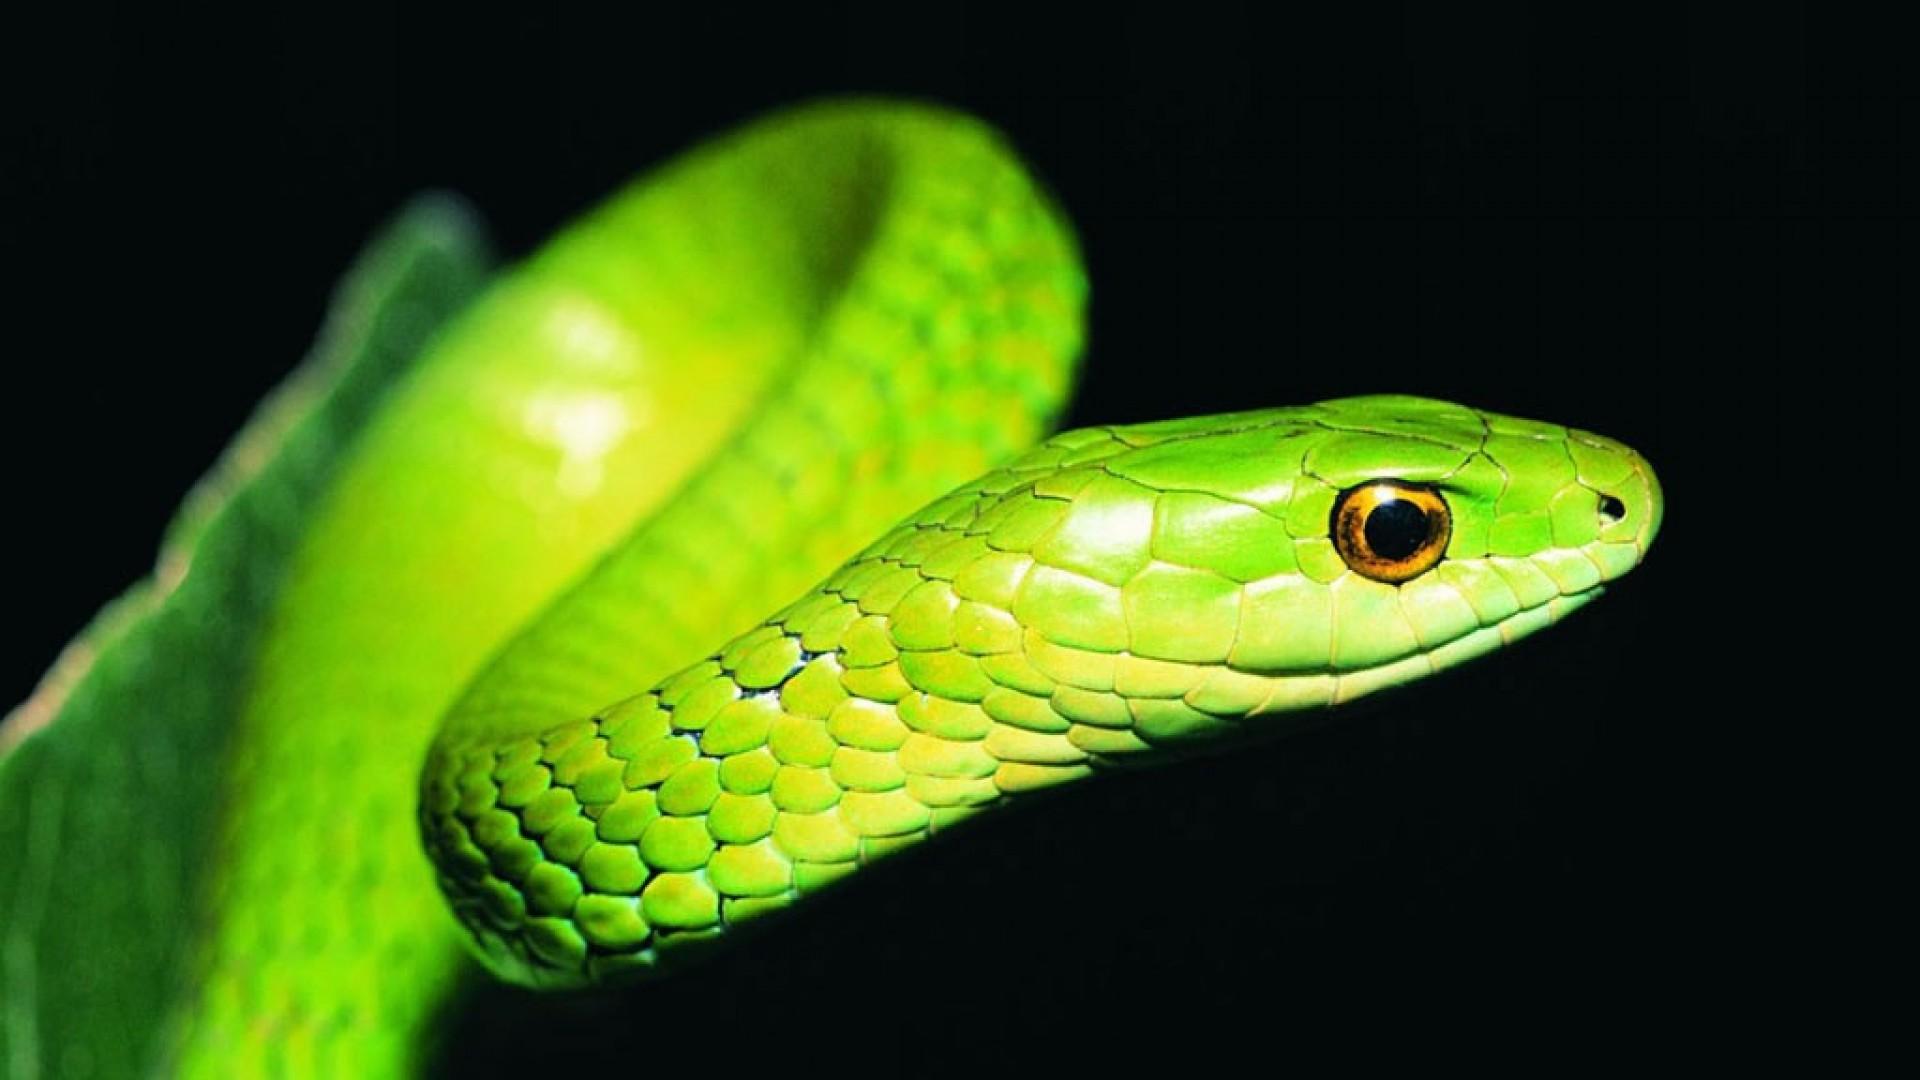 Green snake 3